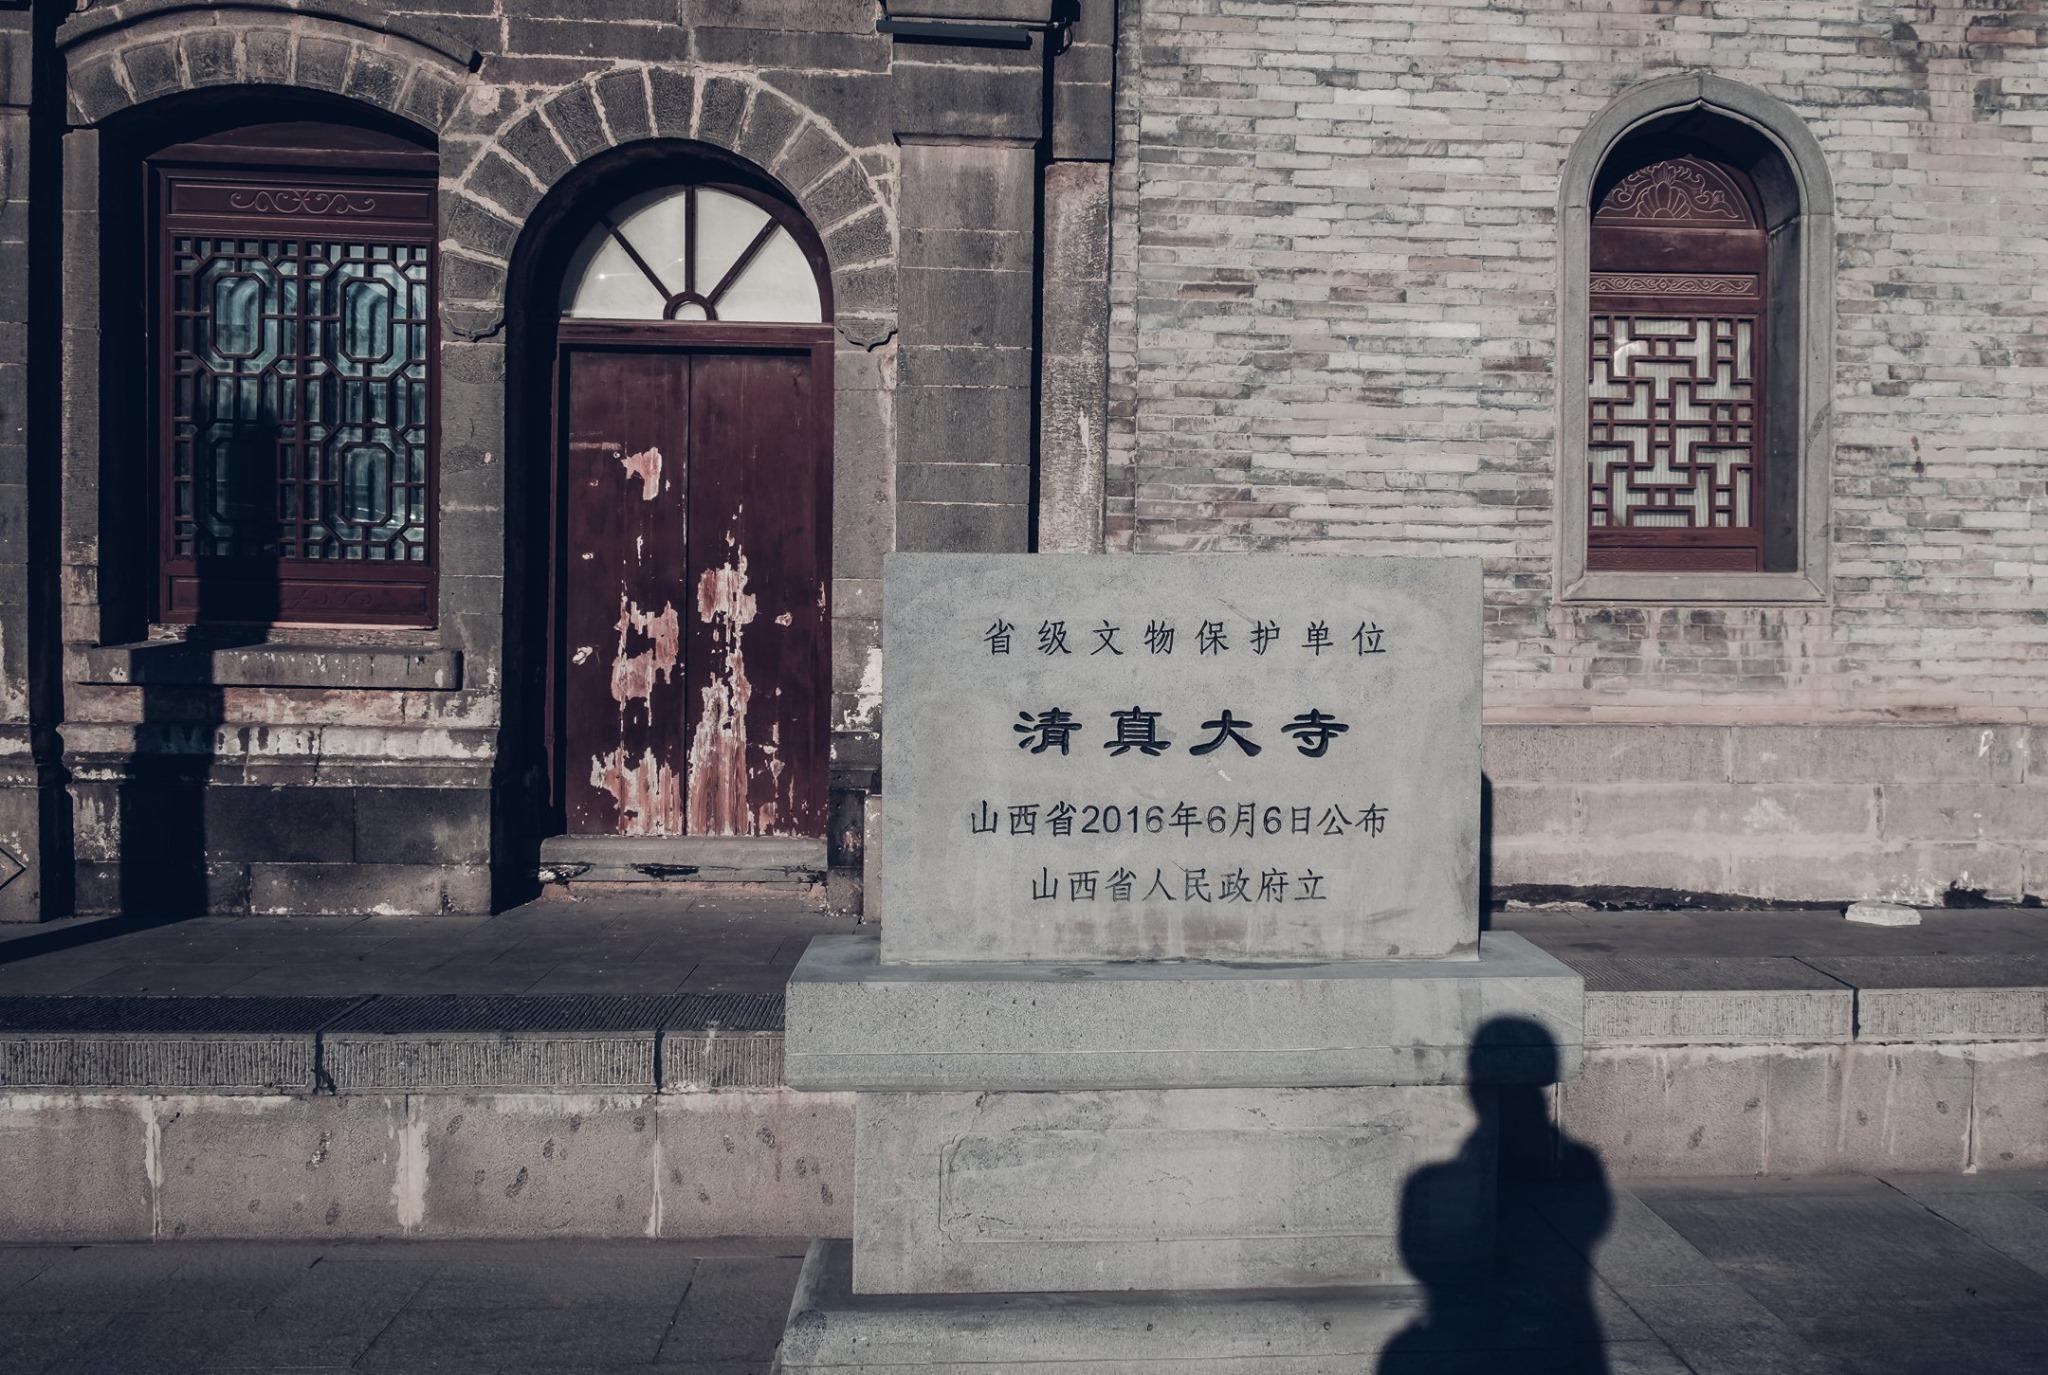 مسجد داتونج الصينيى